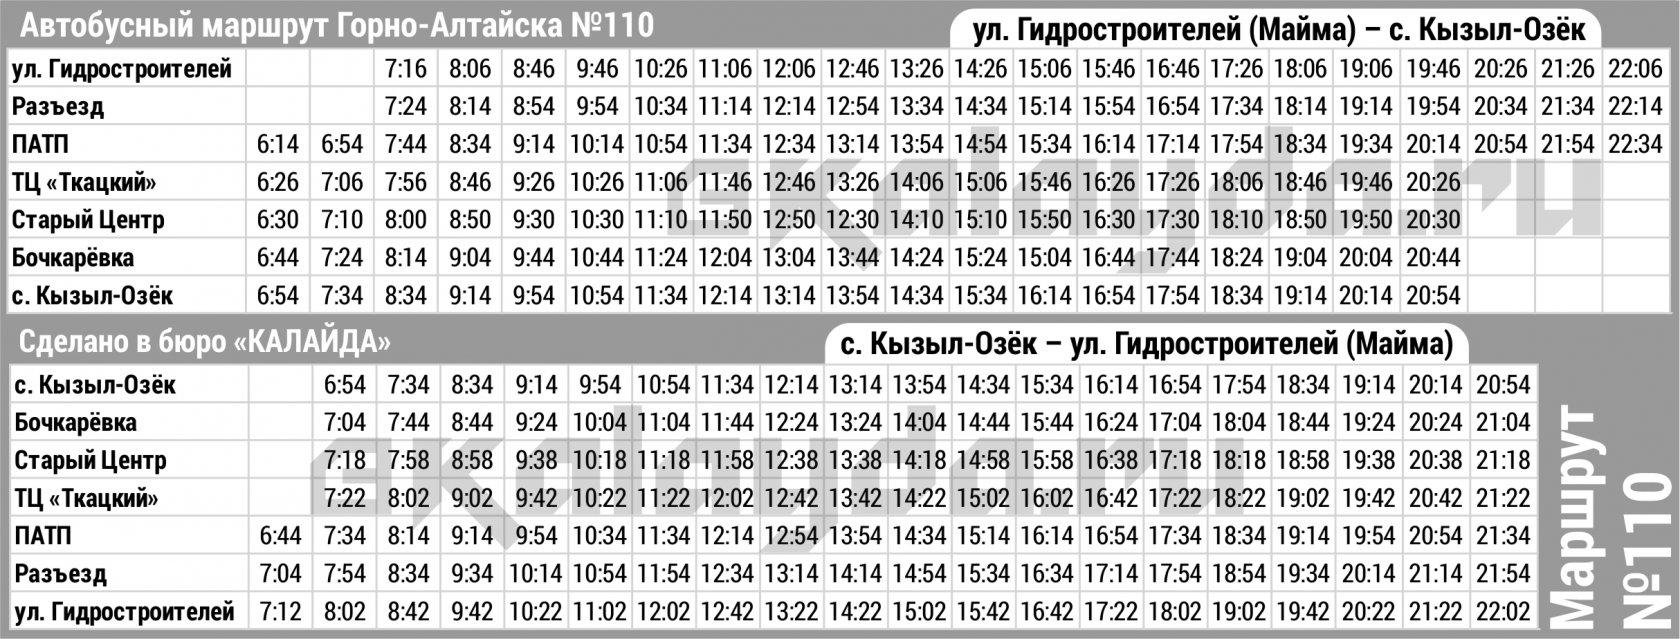 Неважно, хотите ли вы ехать сегодня или сделать бронь на следующий месяц со скидкой, наше полное расписание автобусных рейсов позволит быстро подобрать недорогой билет.